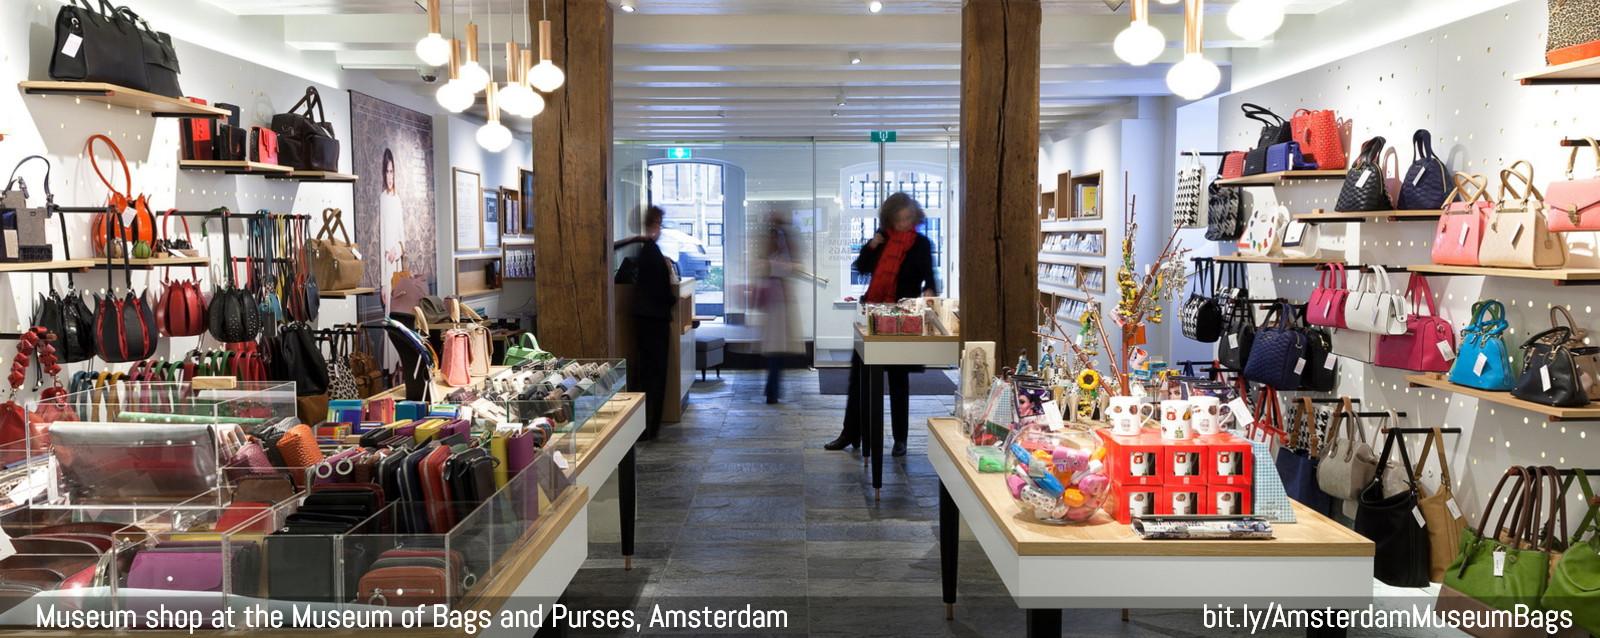 museum shop tassenmuseum